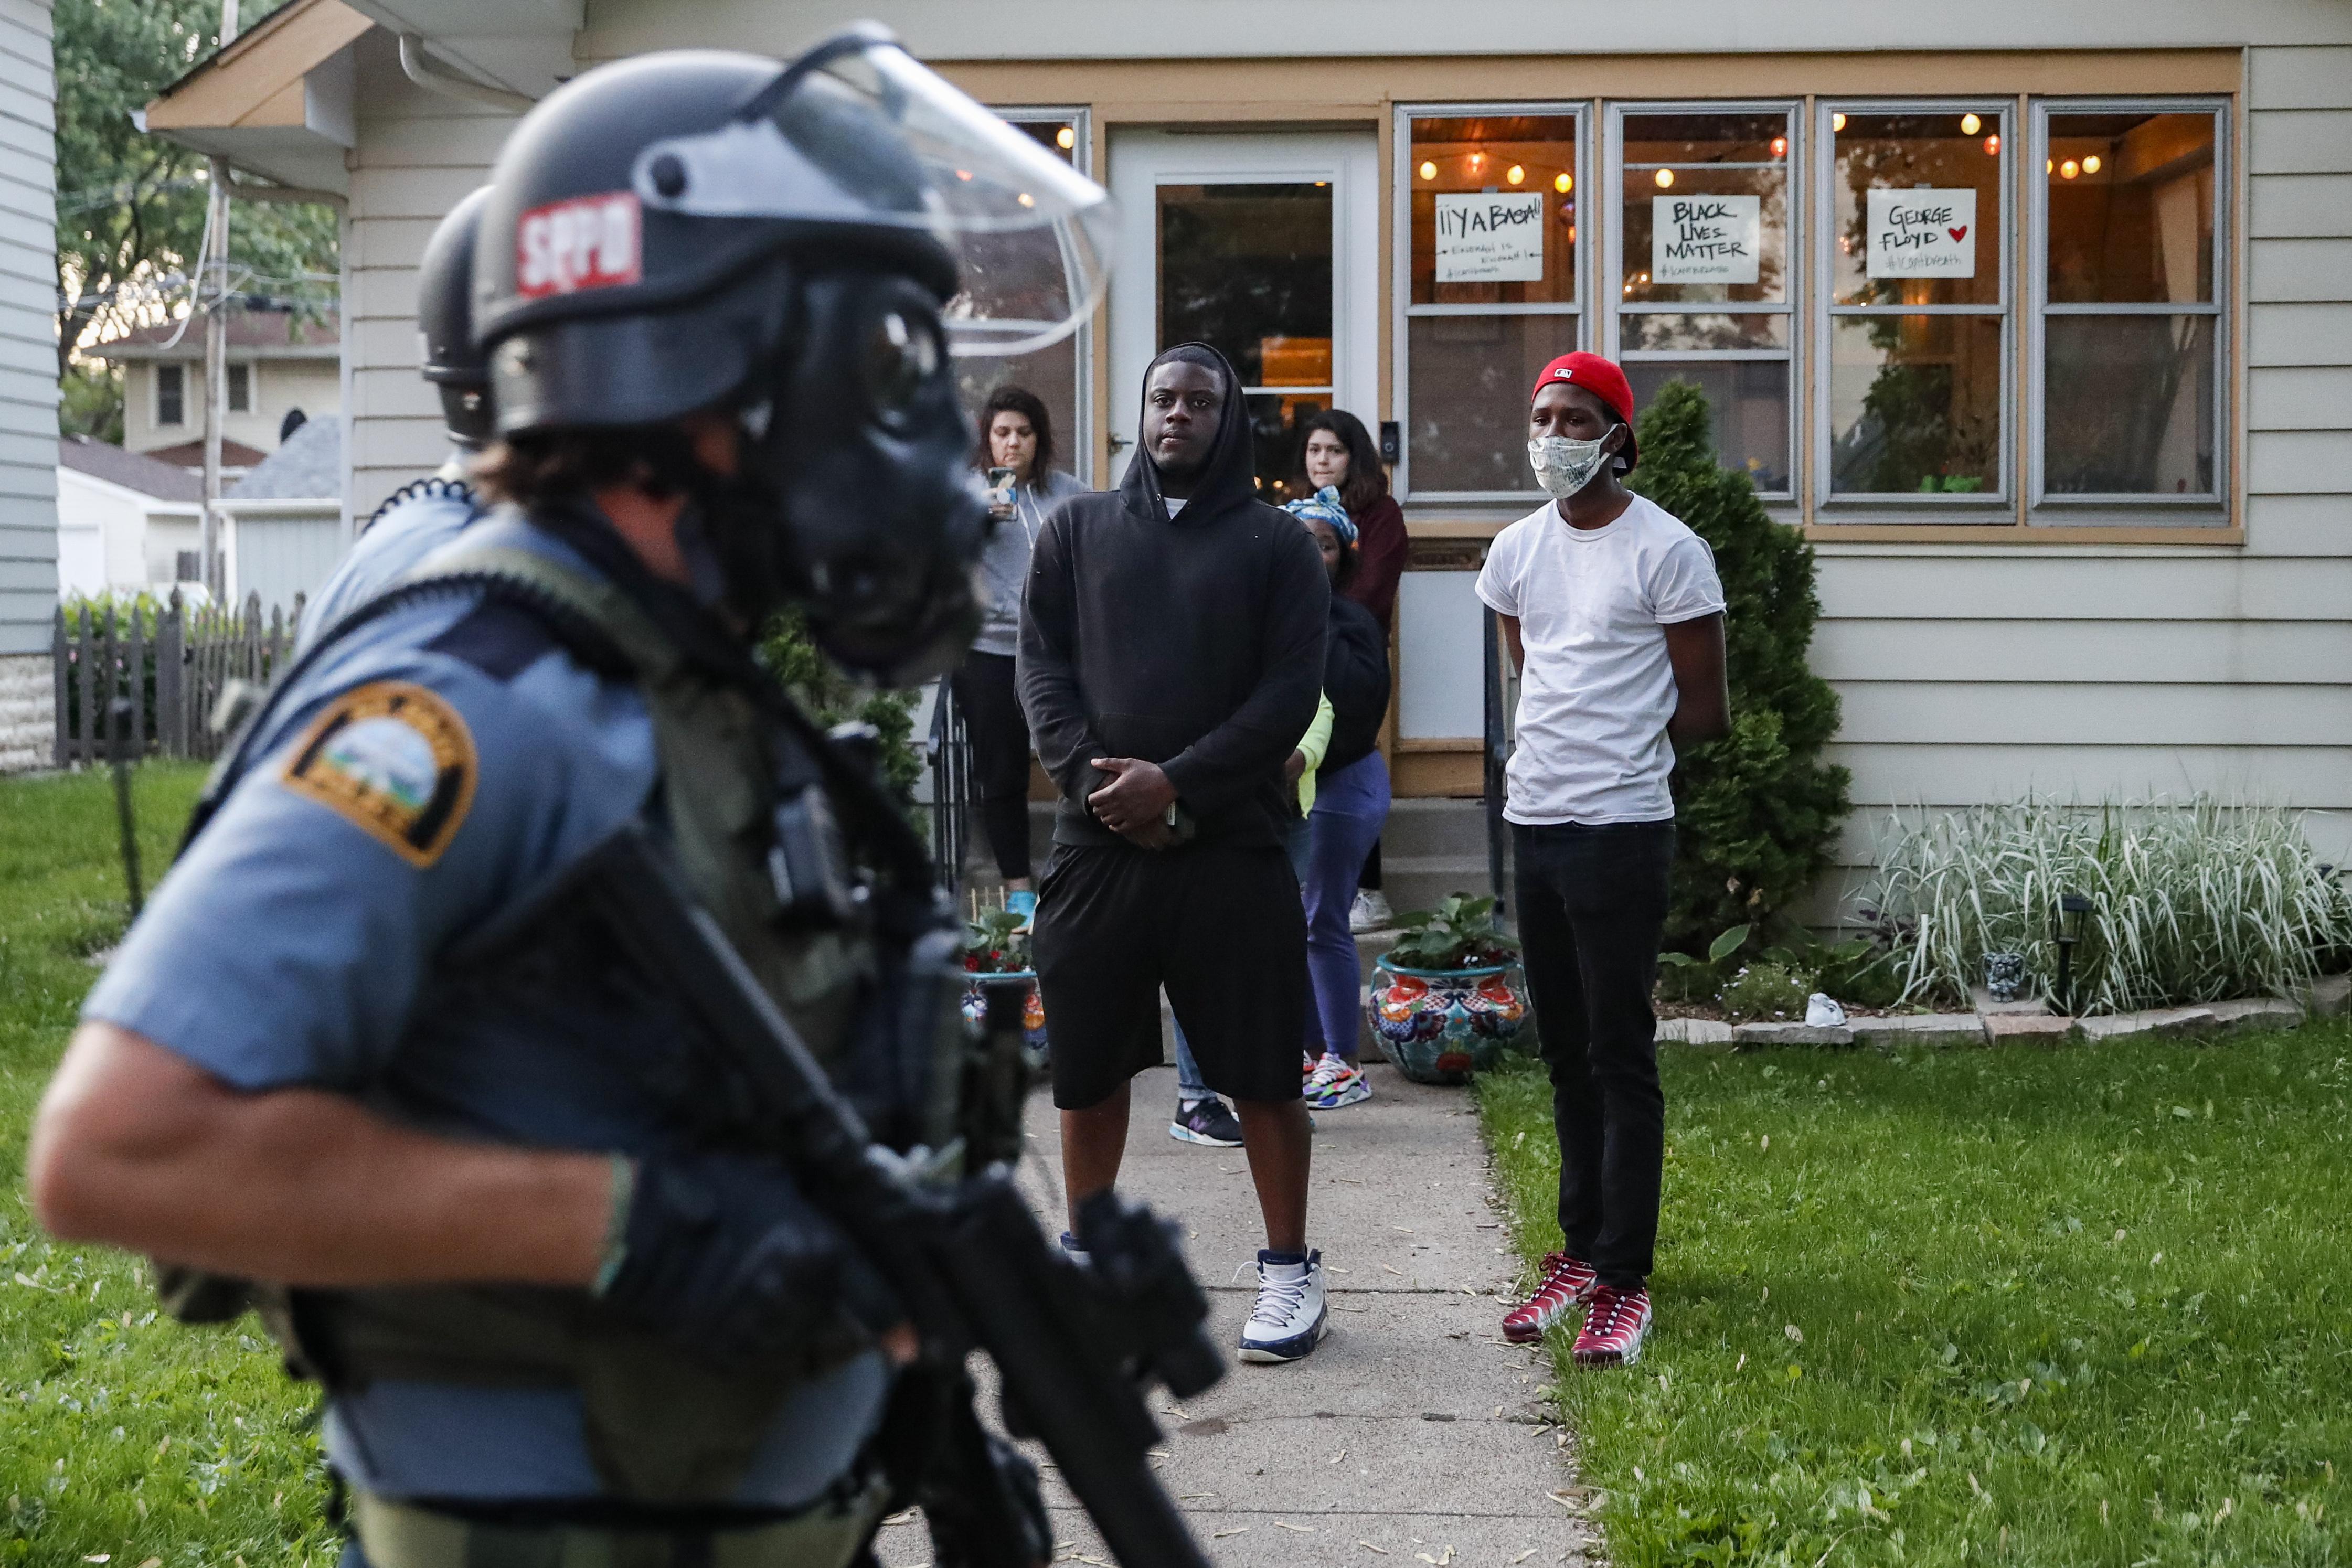 Un grupo de personas observa a la policía con equipo antidisturbios caminando por una calle residencial en St. Paul, Minnesota (AP Photo/John Minchillo)